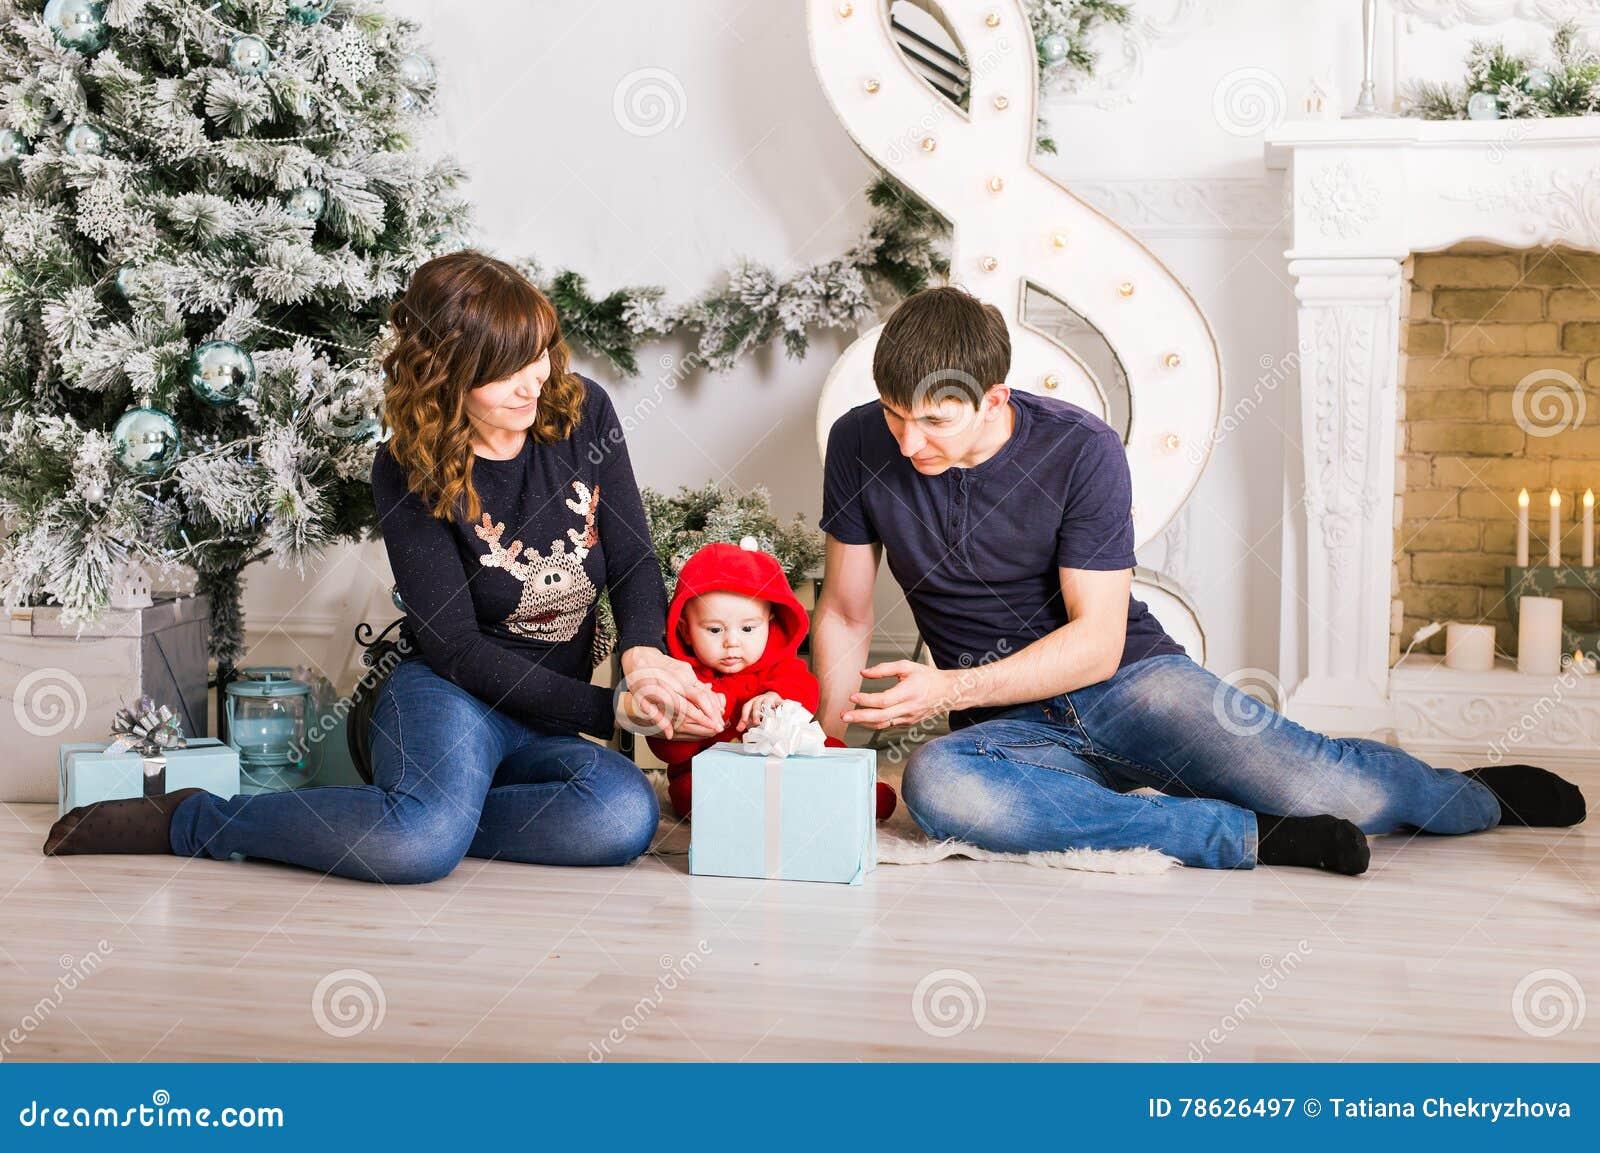 Die Glückliche Familie, Die Weihnachtsgeschenke Hält, Nähern Sich ...